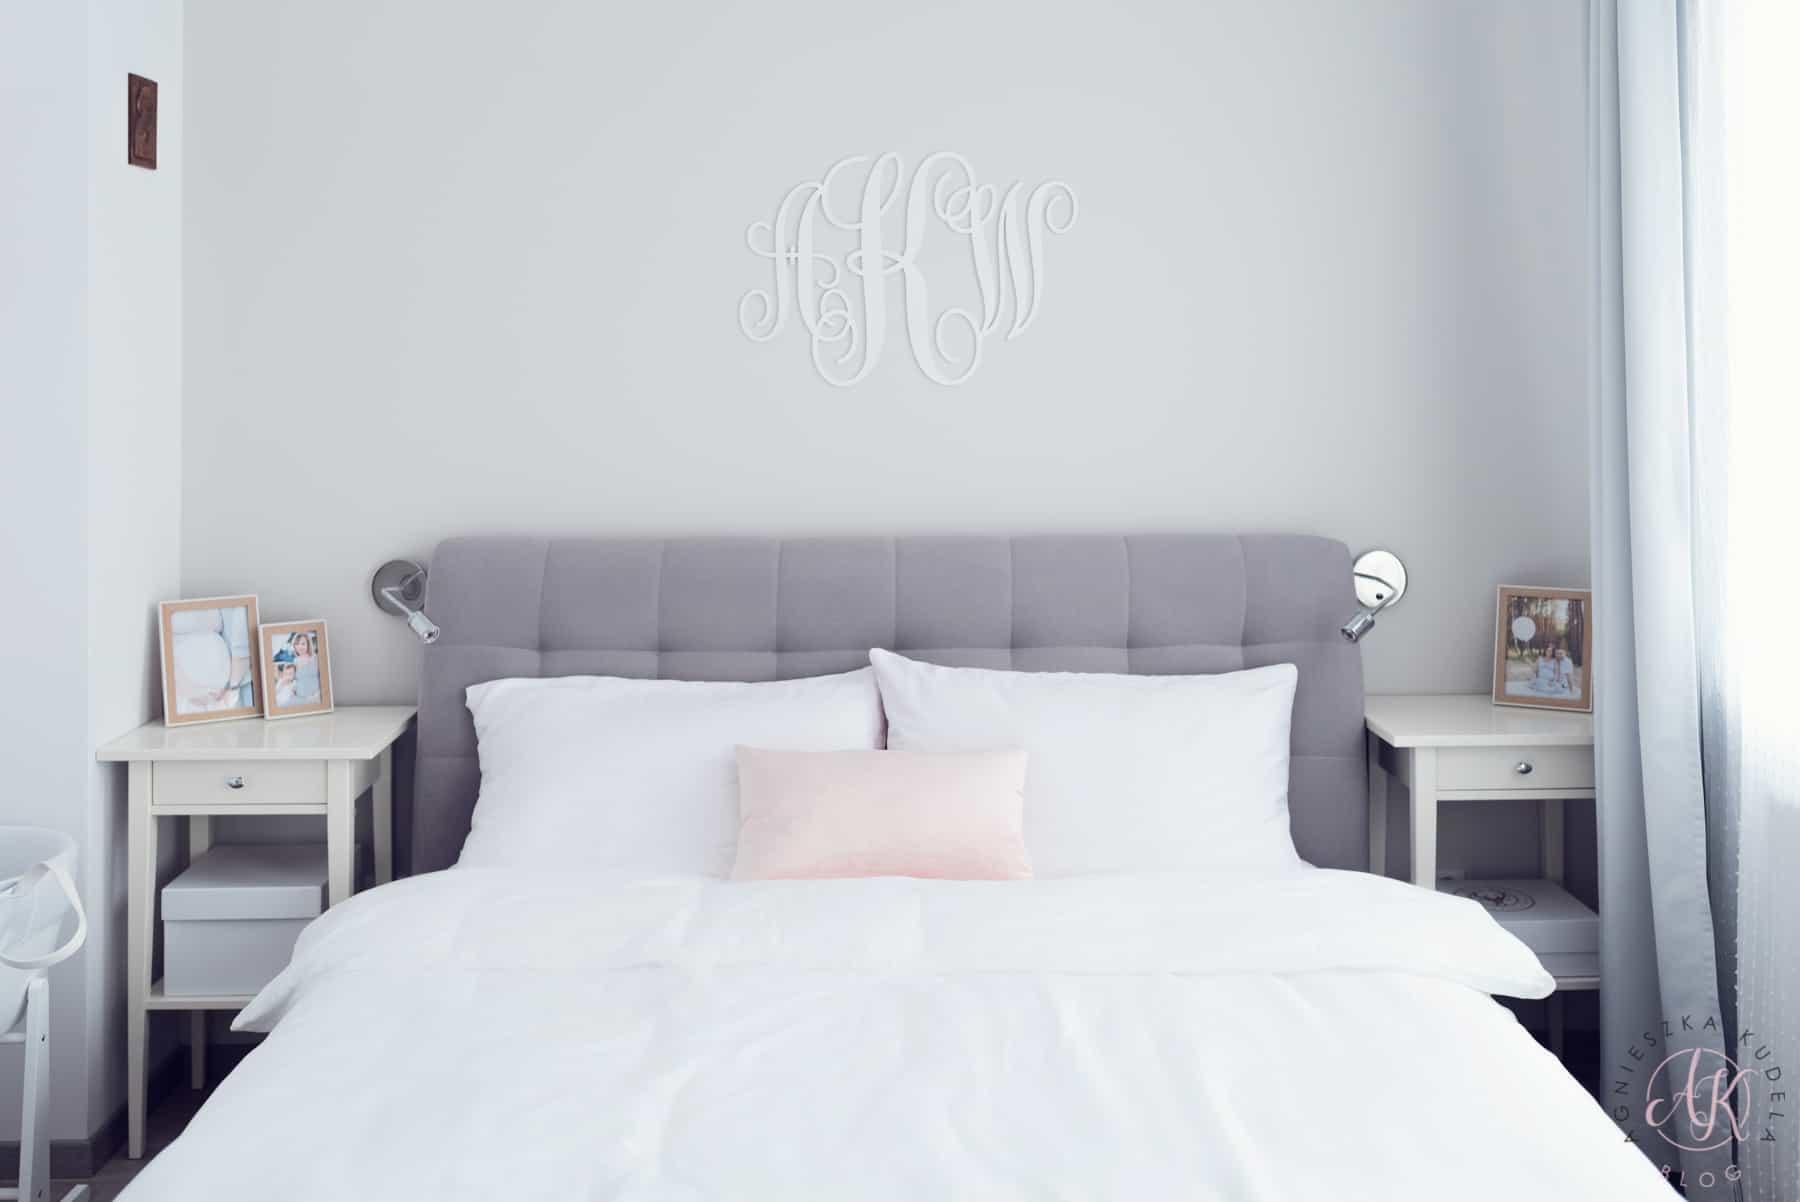 Biała pościel w sypialni, różowe poduszki, stoliki nocne, kinkiety, monogram